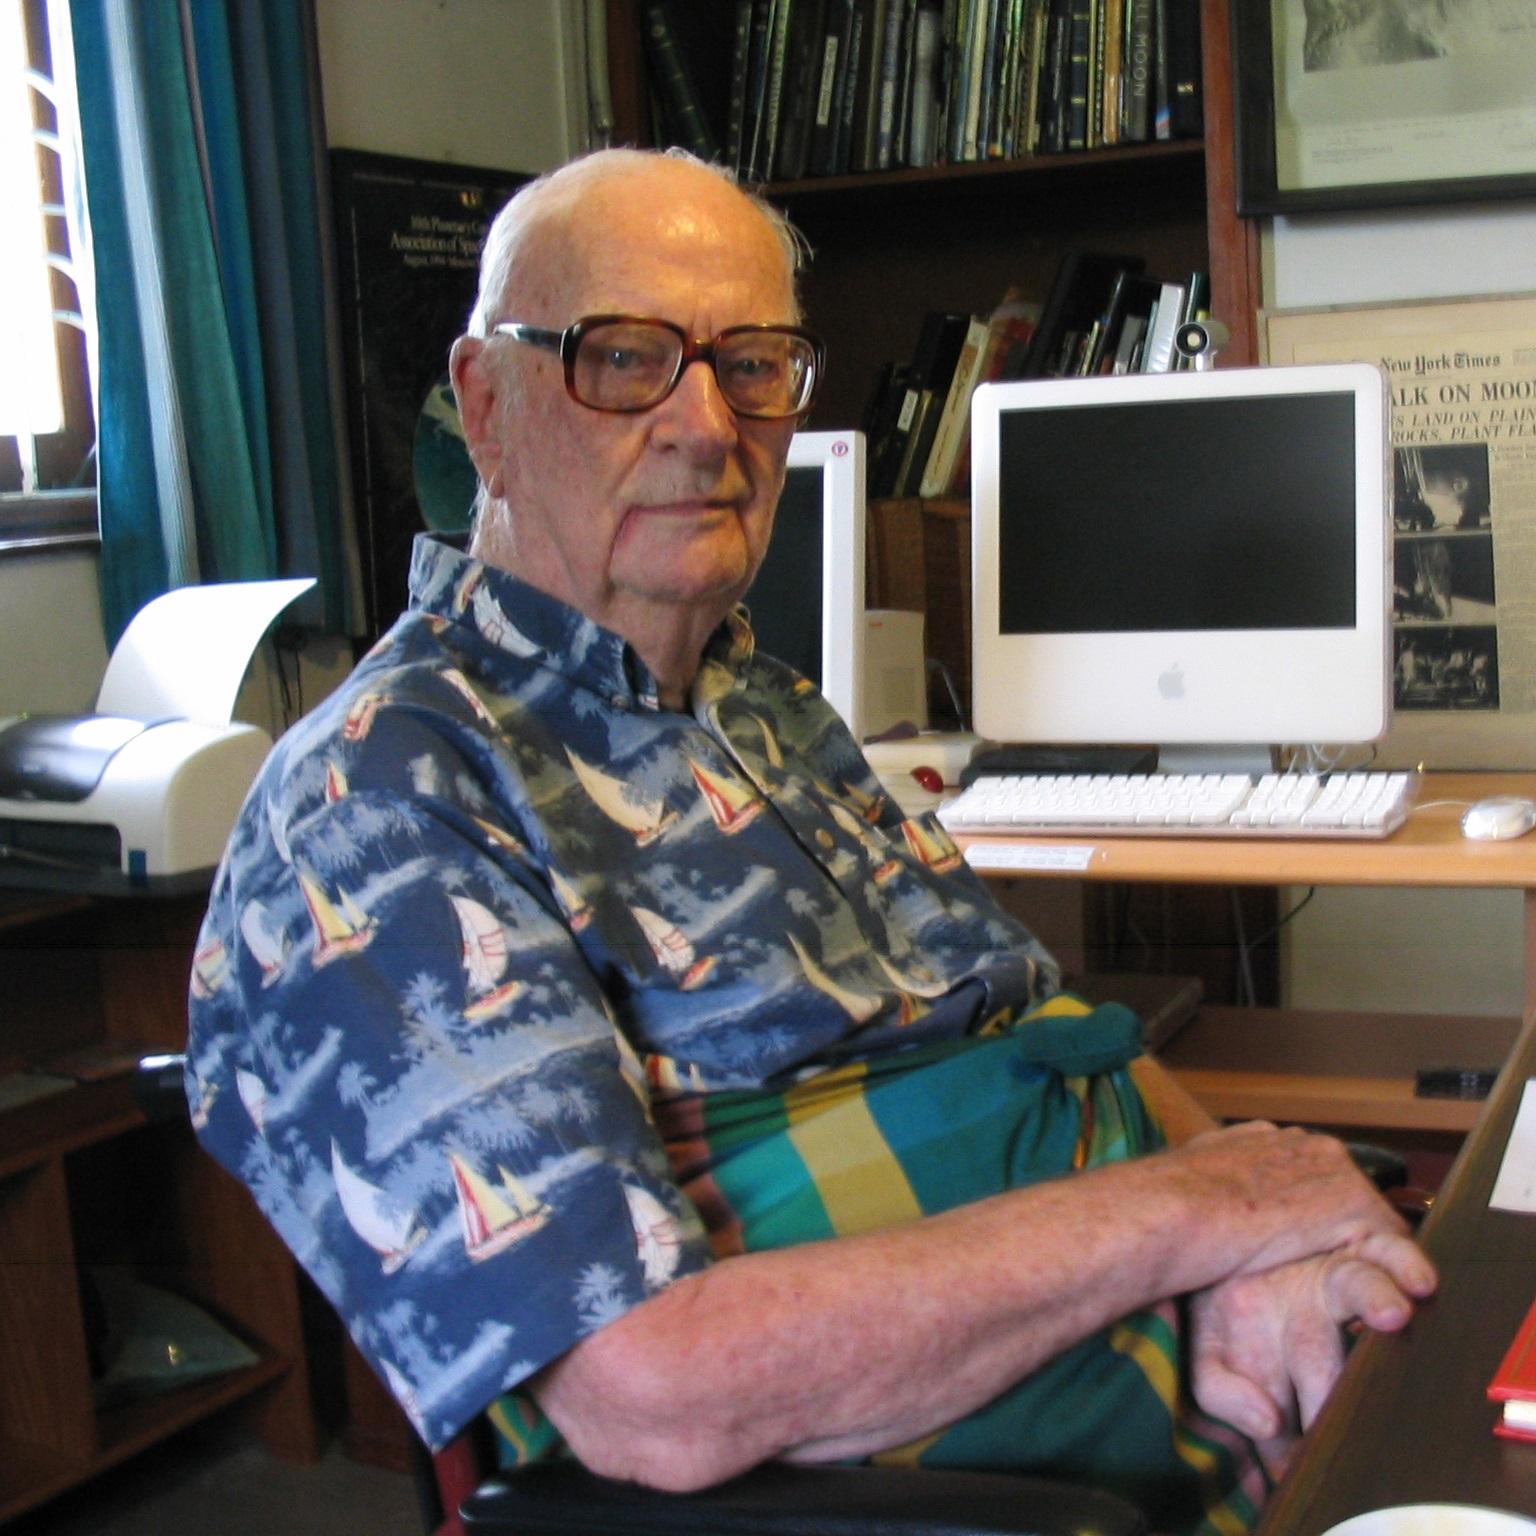 Sir Arthur C. Clarke public domain photo by Amy Marash